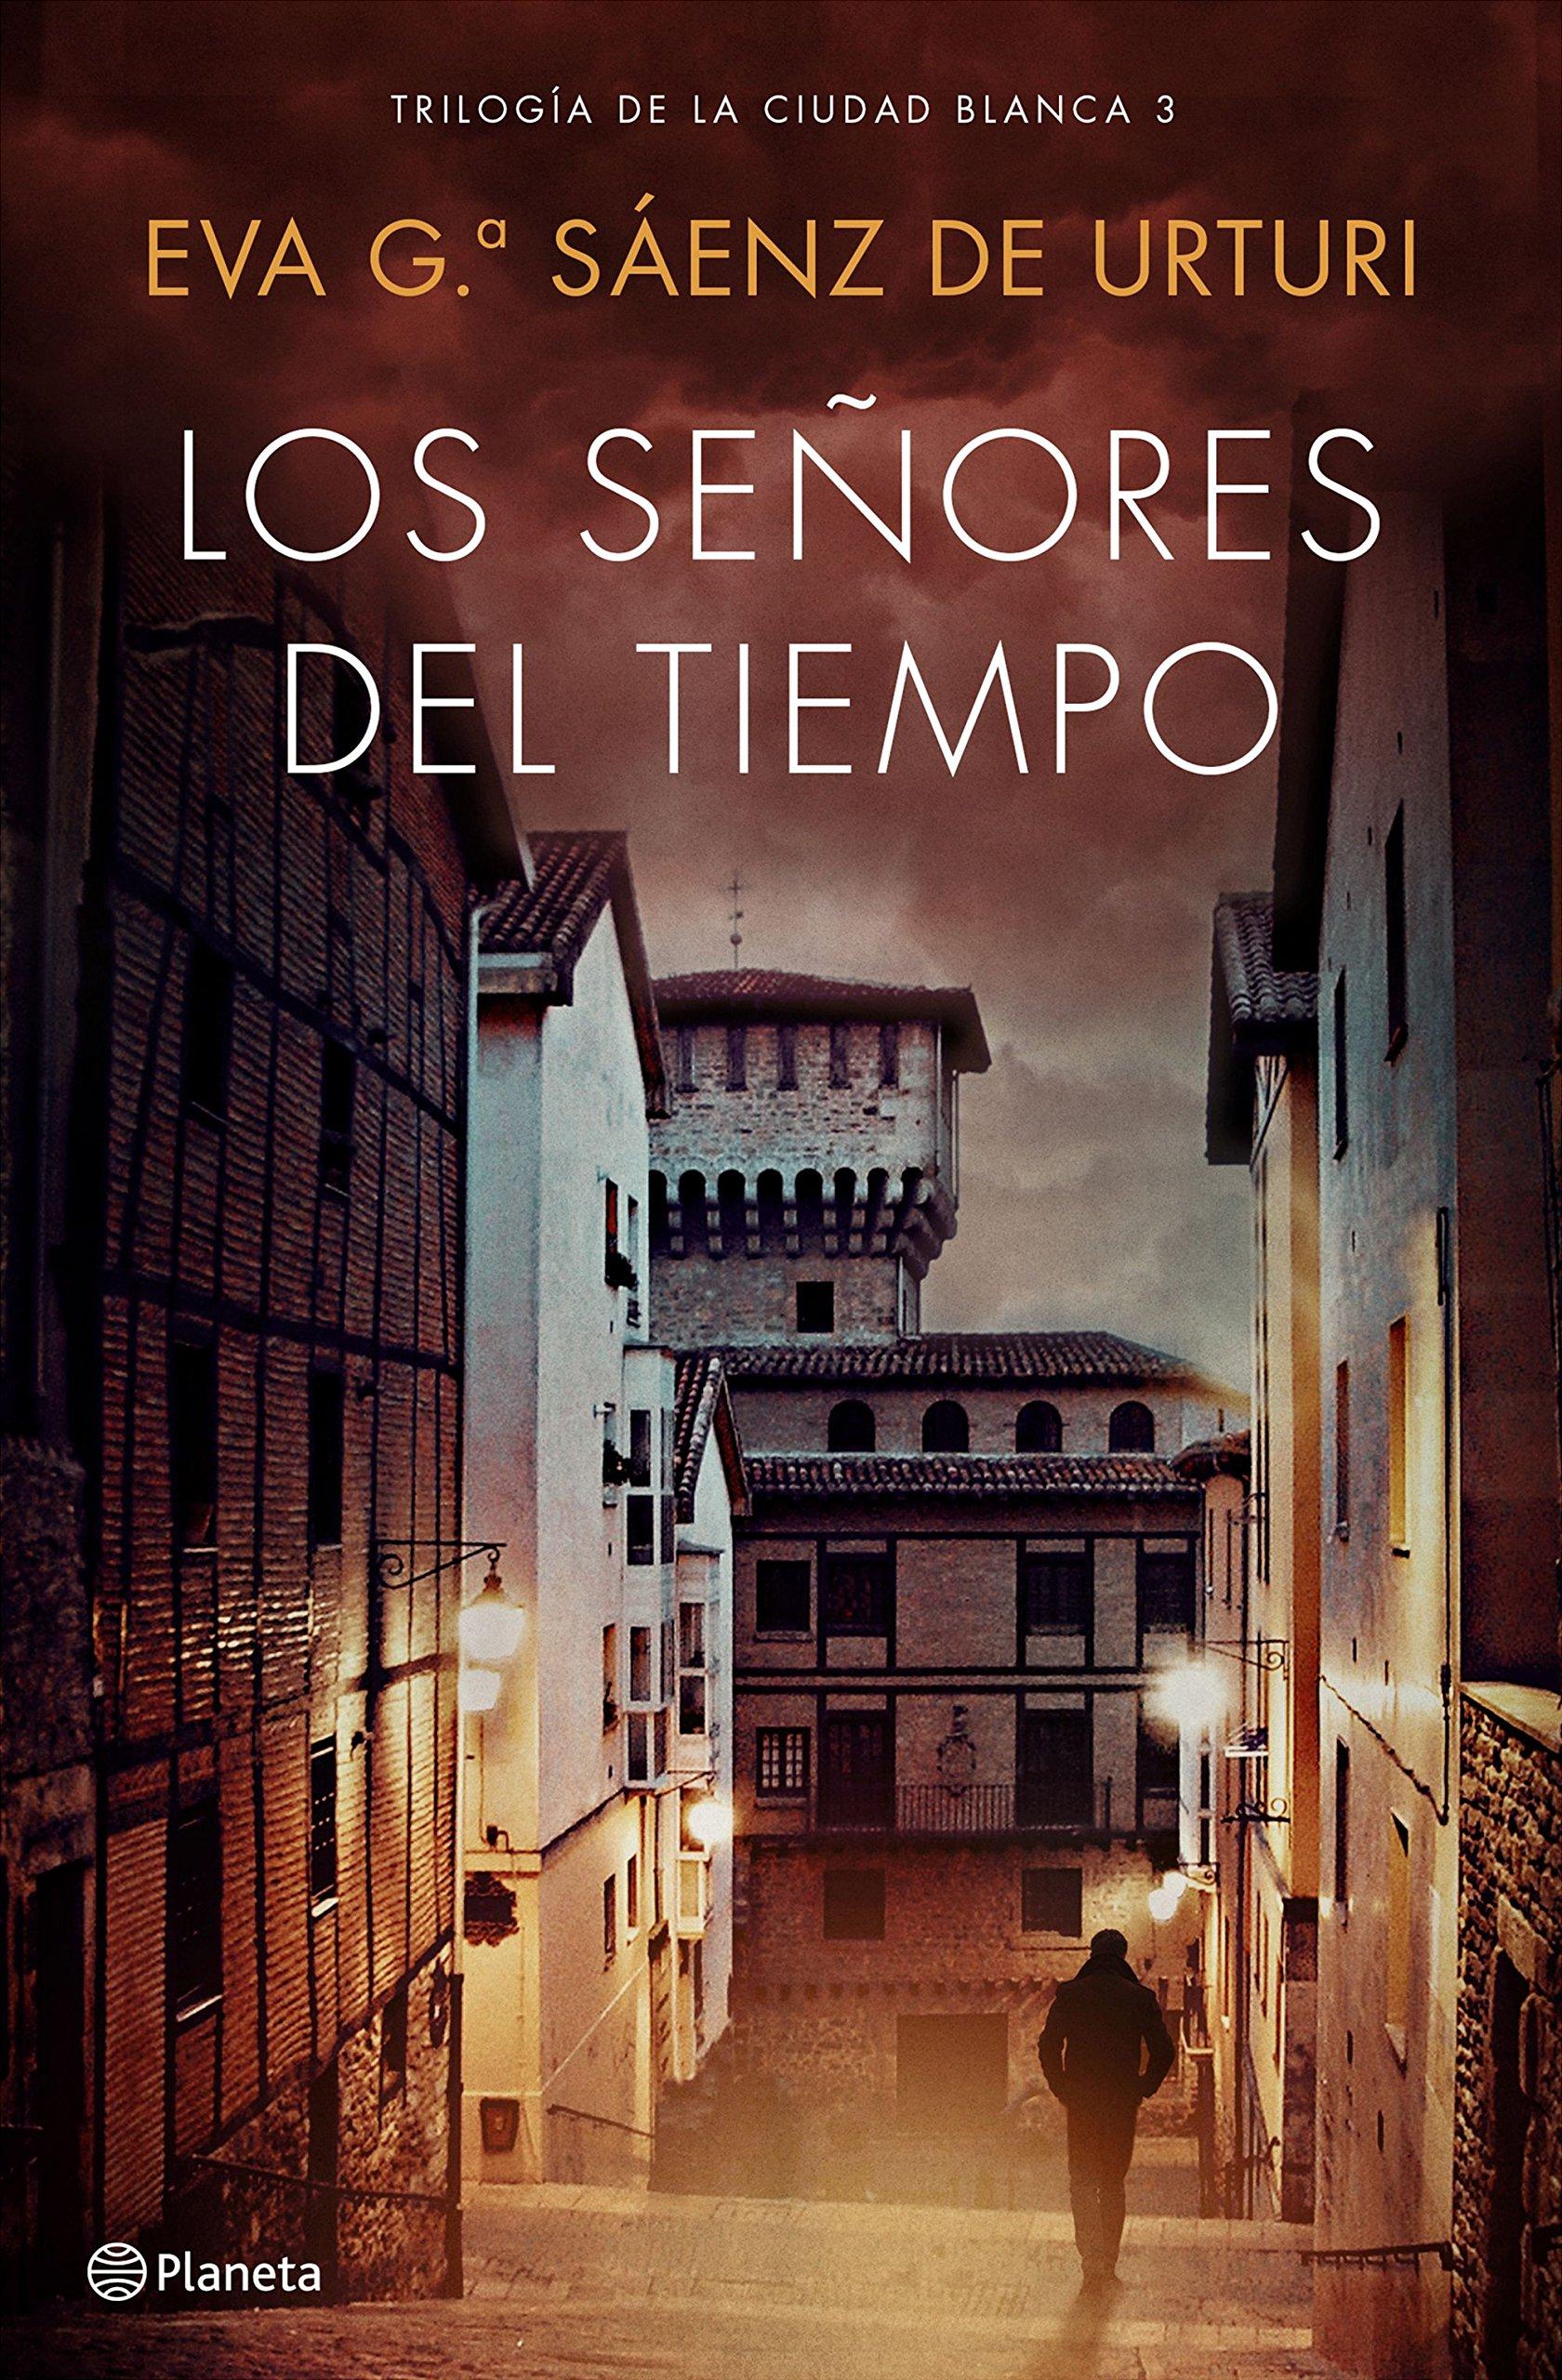 Los señores del tiempo: Trilogía de La Ciudad Blanca 3 Autores Españoles e  Iberoamericanos: Amazon.es: Eva García Sáenz de Urturi: Libros